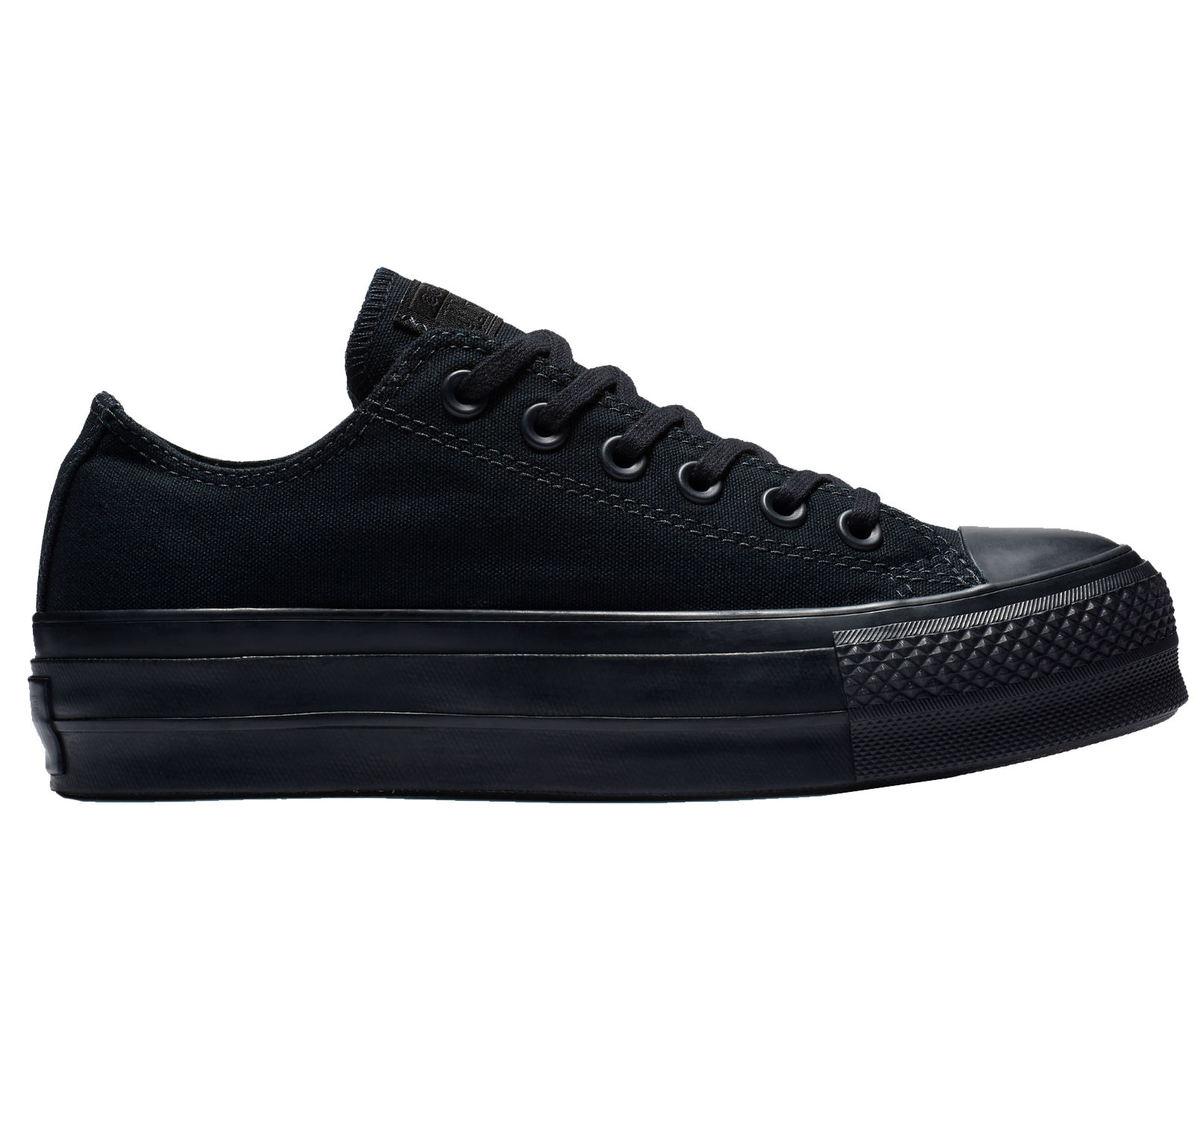 56ea31b3fb201 topánky dámske CONVERSE - CTAS CLEAN LIFT BLACK / BLACK / BLACK ...